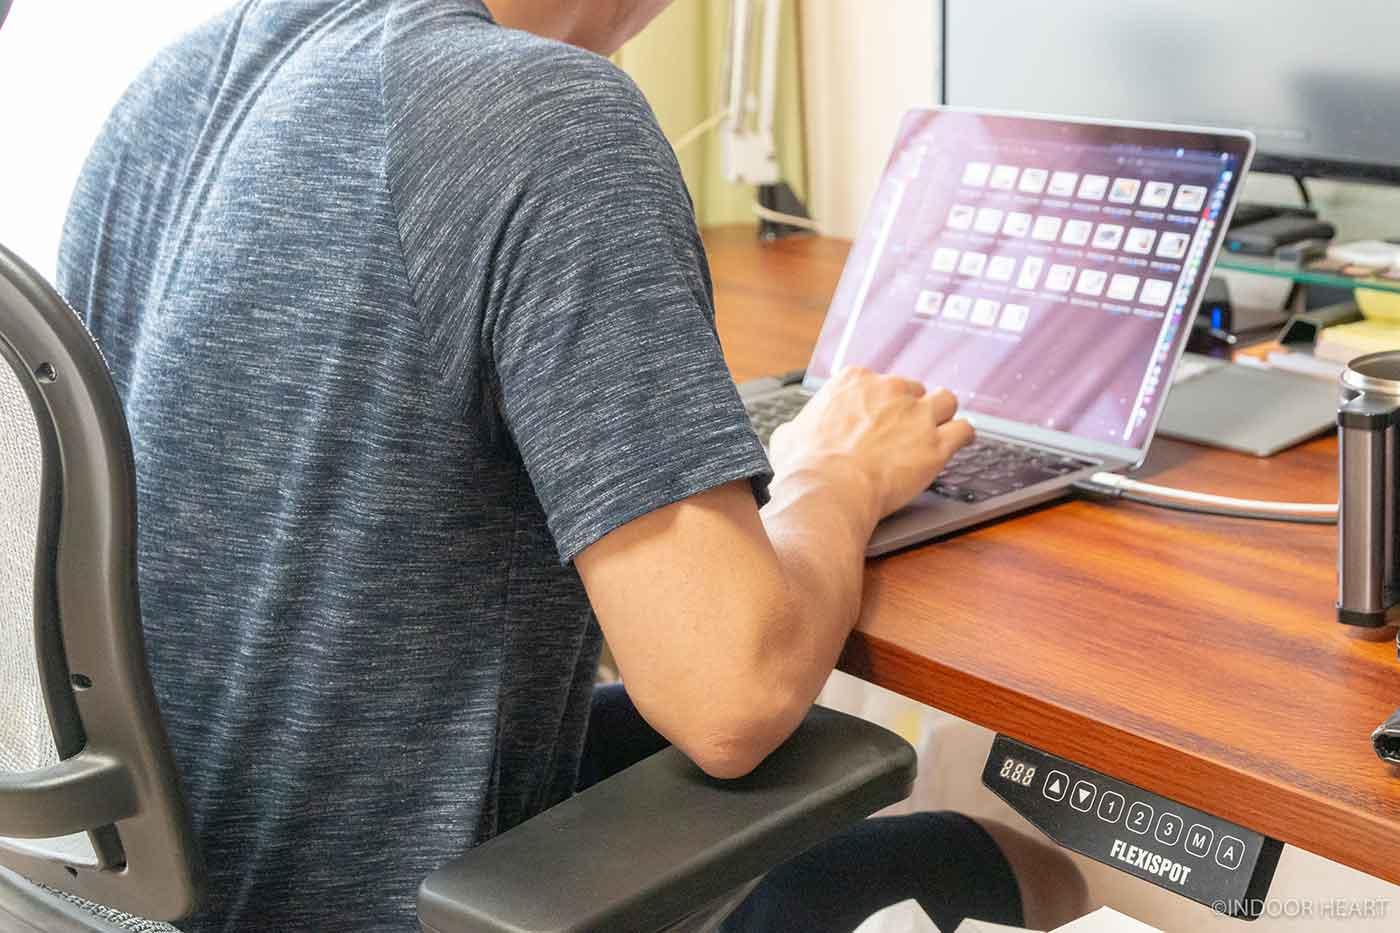 ノートPC使用時の姿勢